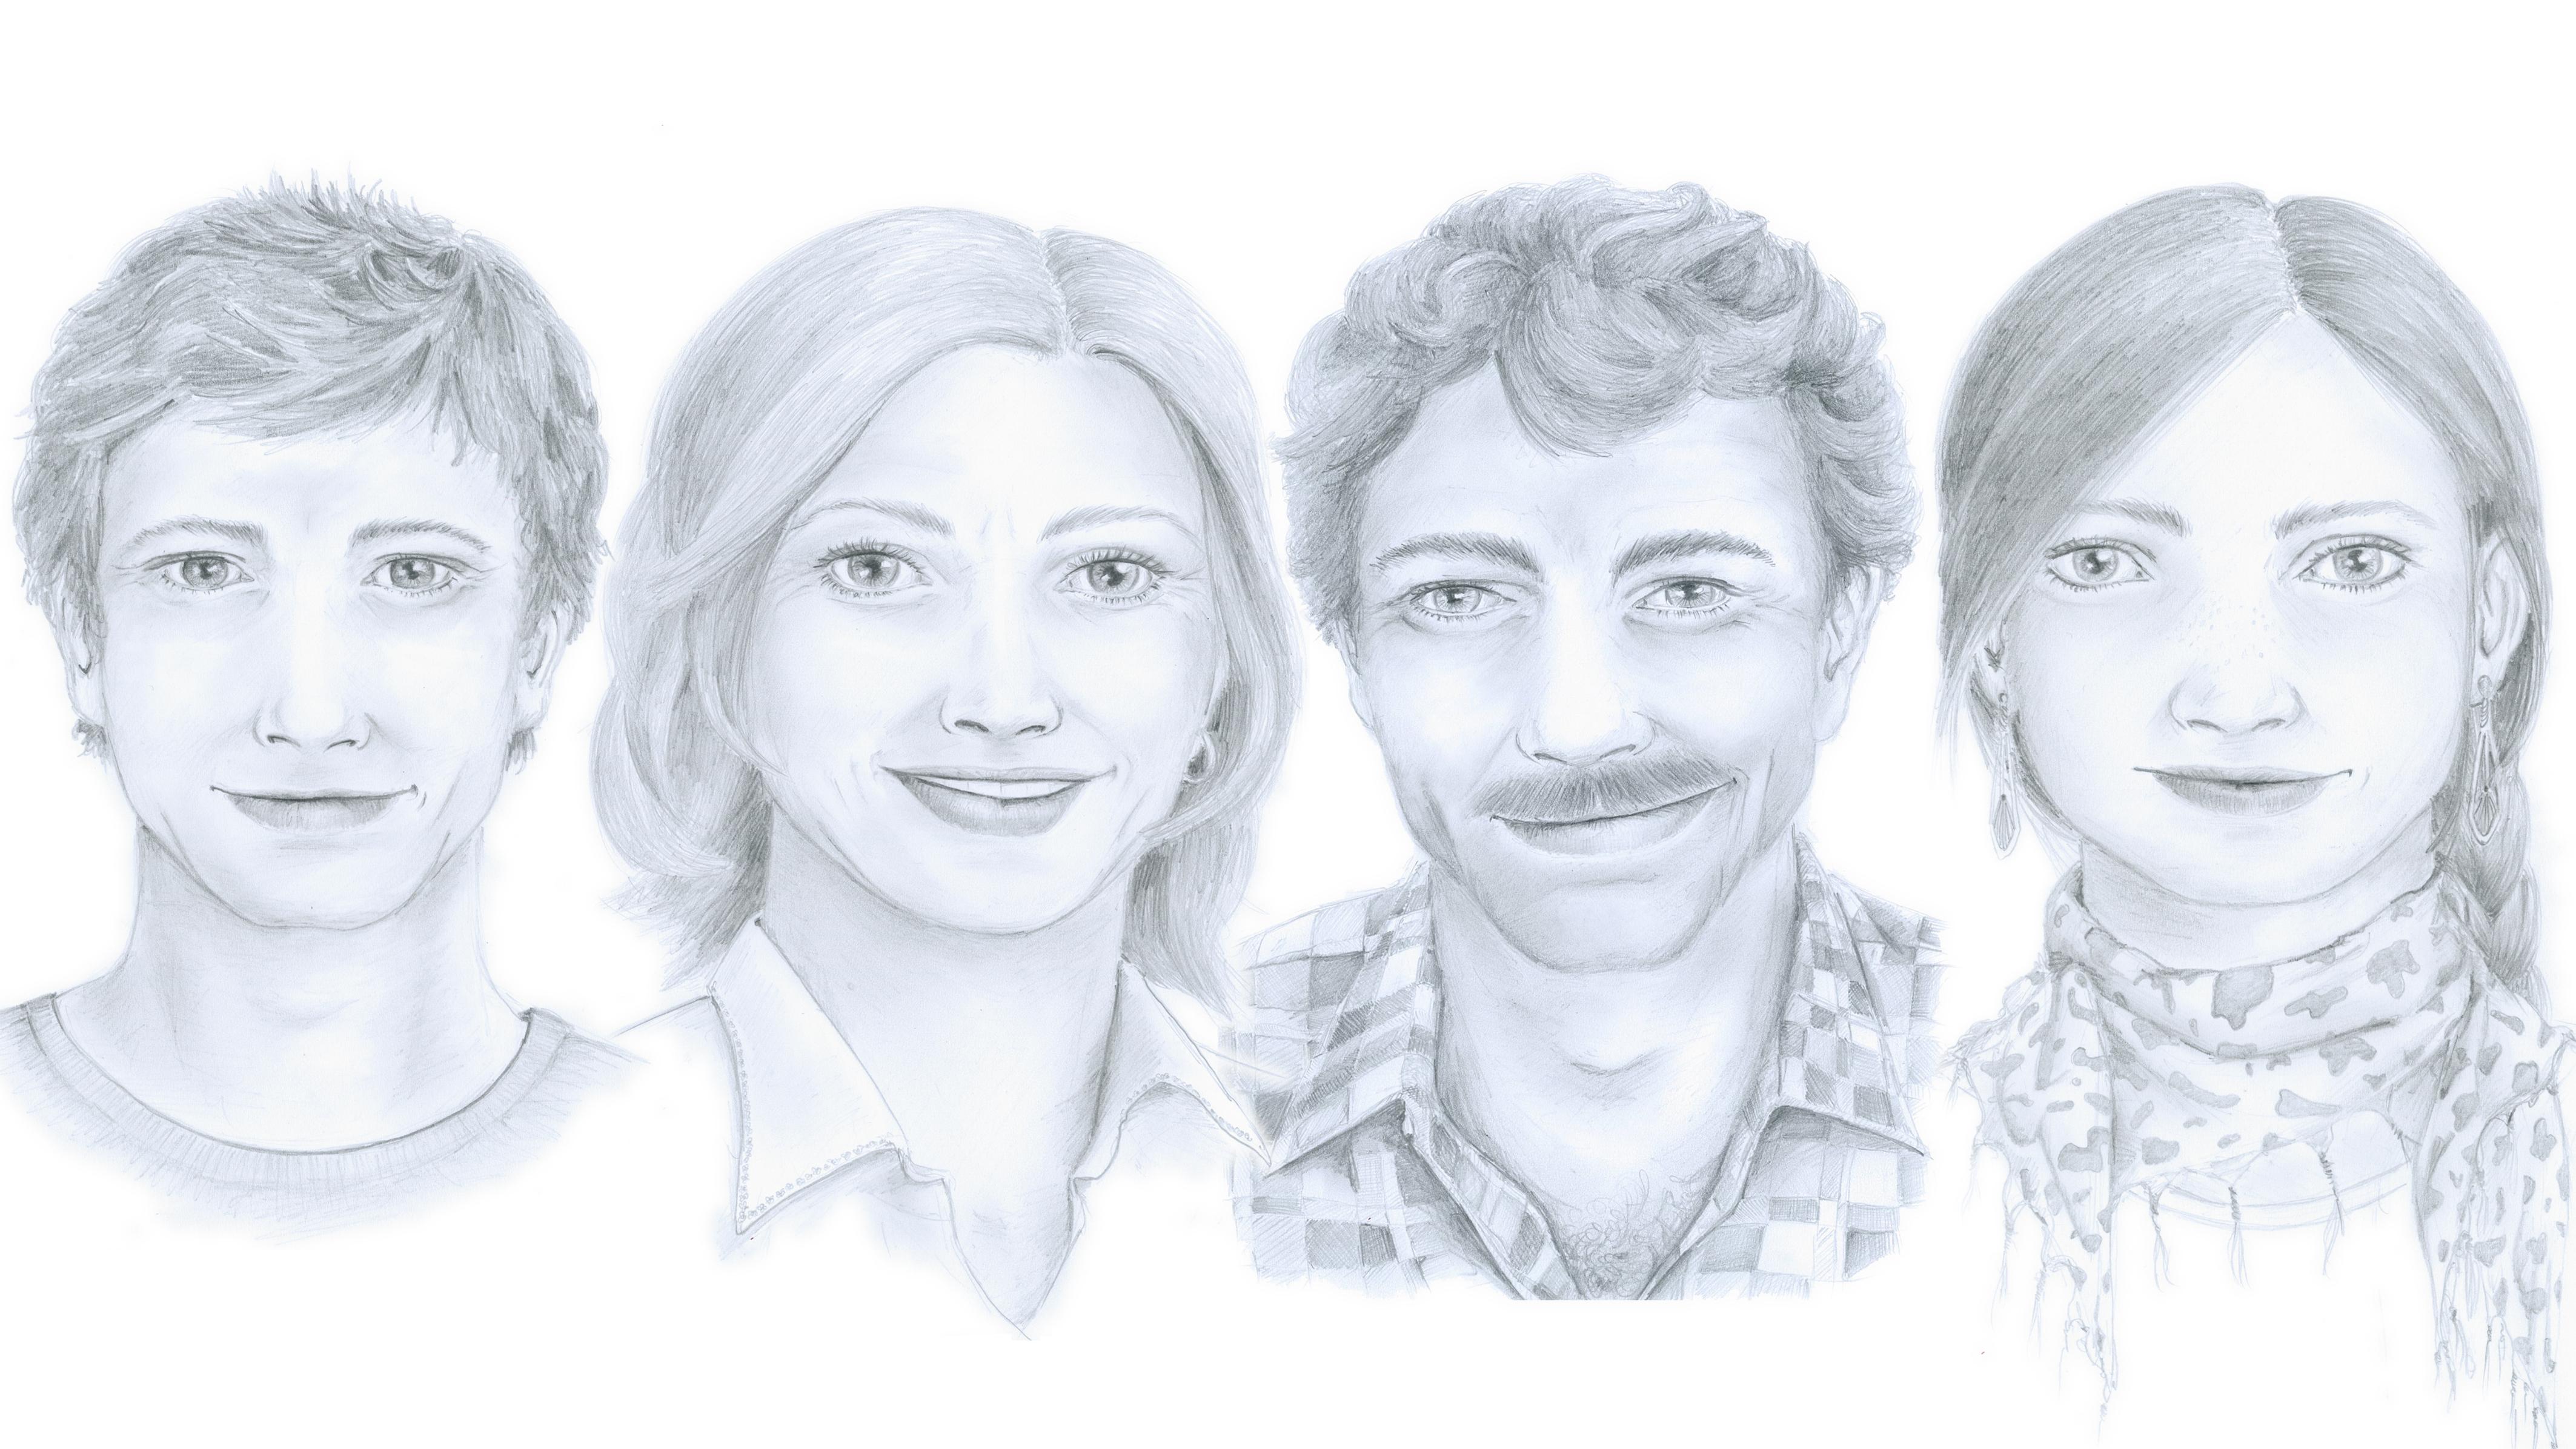 Famiglia Caflisch - da sanester: Severin (il figl), Ernesta (la mamma), Martin (il bab) e Pirmina (la figlia)